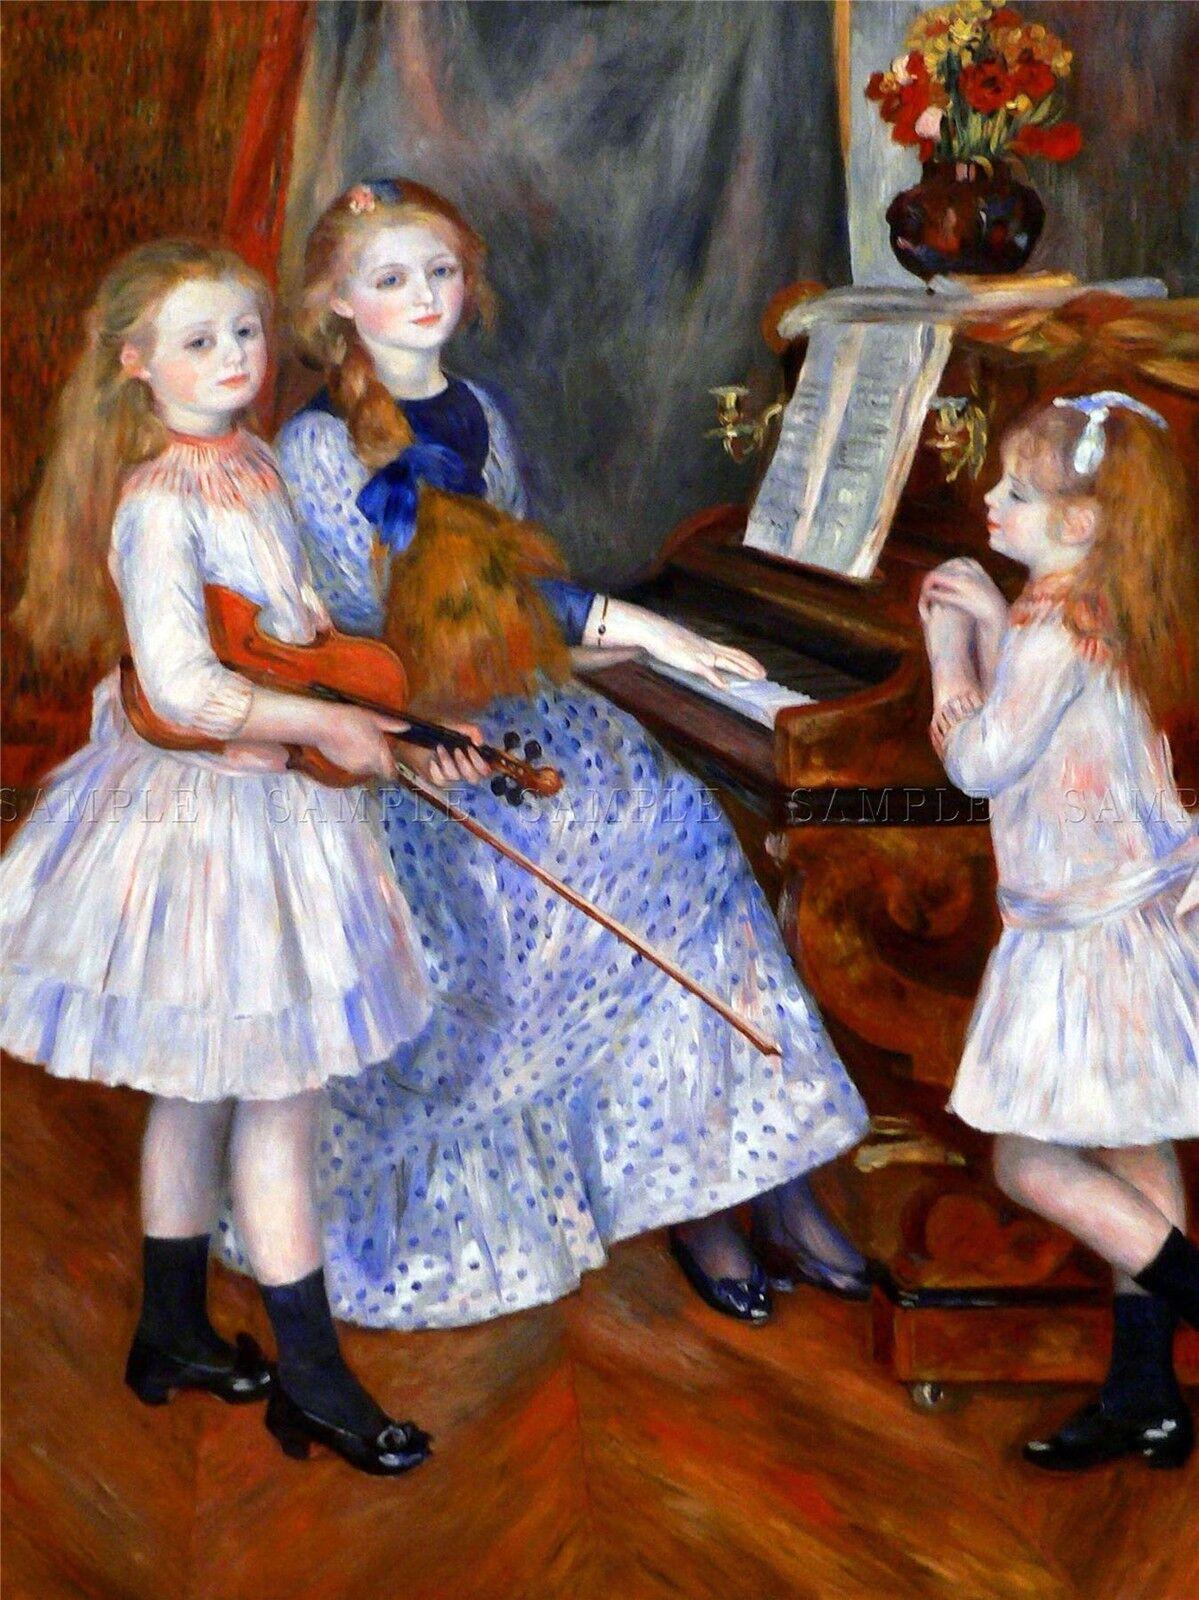 PIERRE AUGUSTE RENOIR PORTRAIT OF WILLIAM SISLEY OLD ART PAINTING PRINT 2497OM